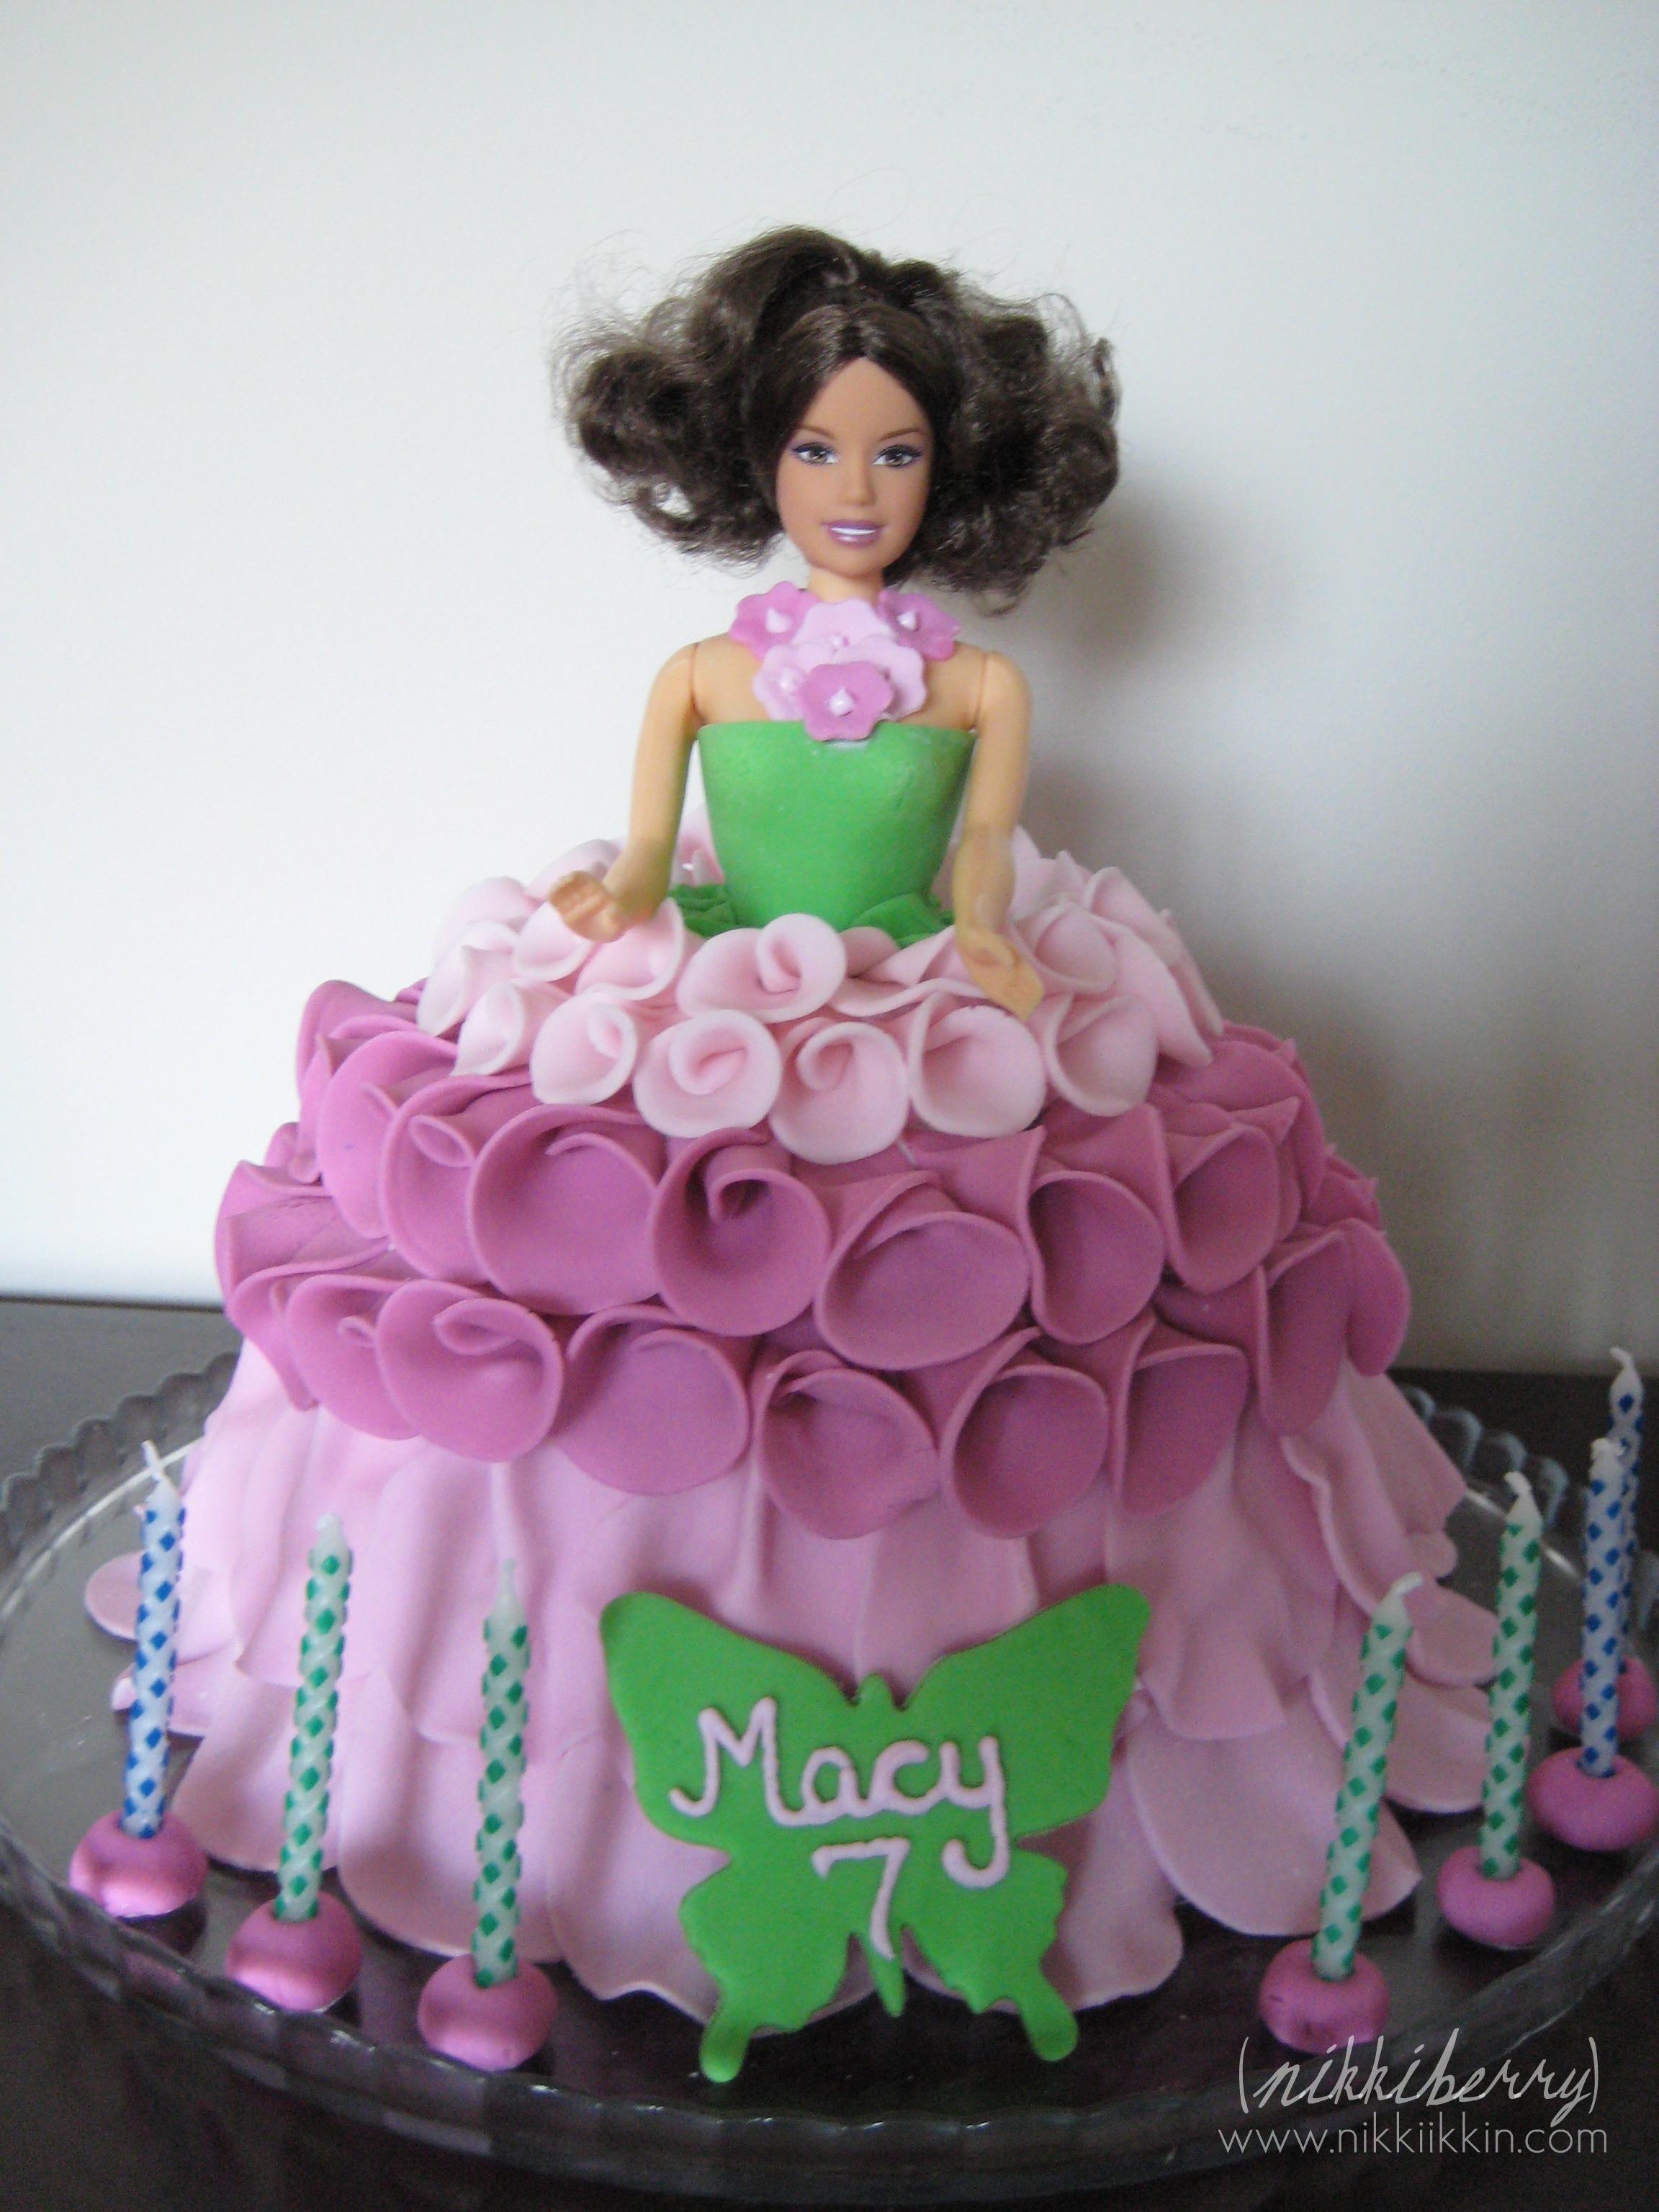 nikkiikkin rose petal barbie cake 2